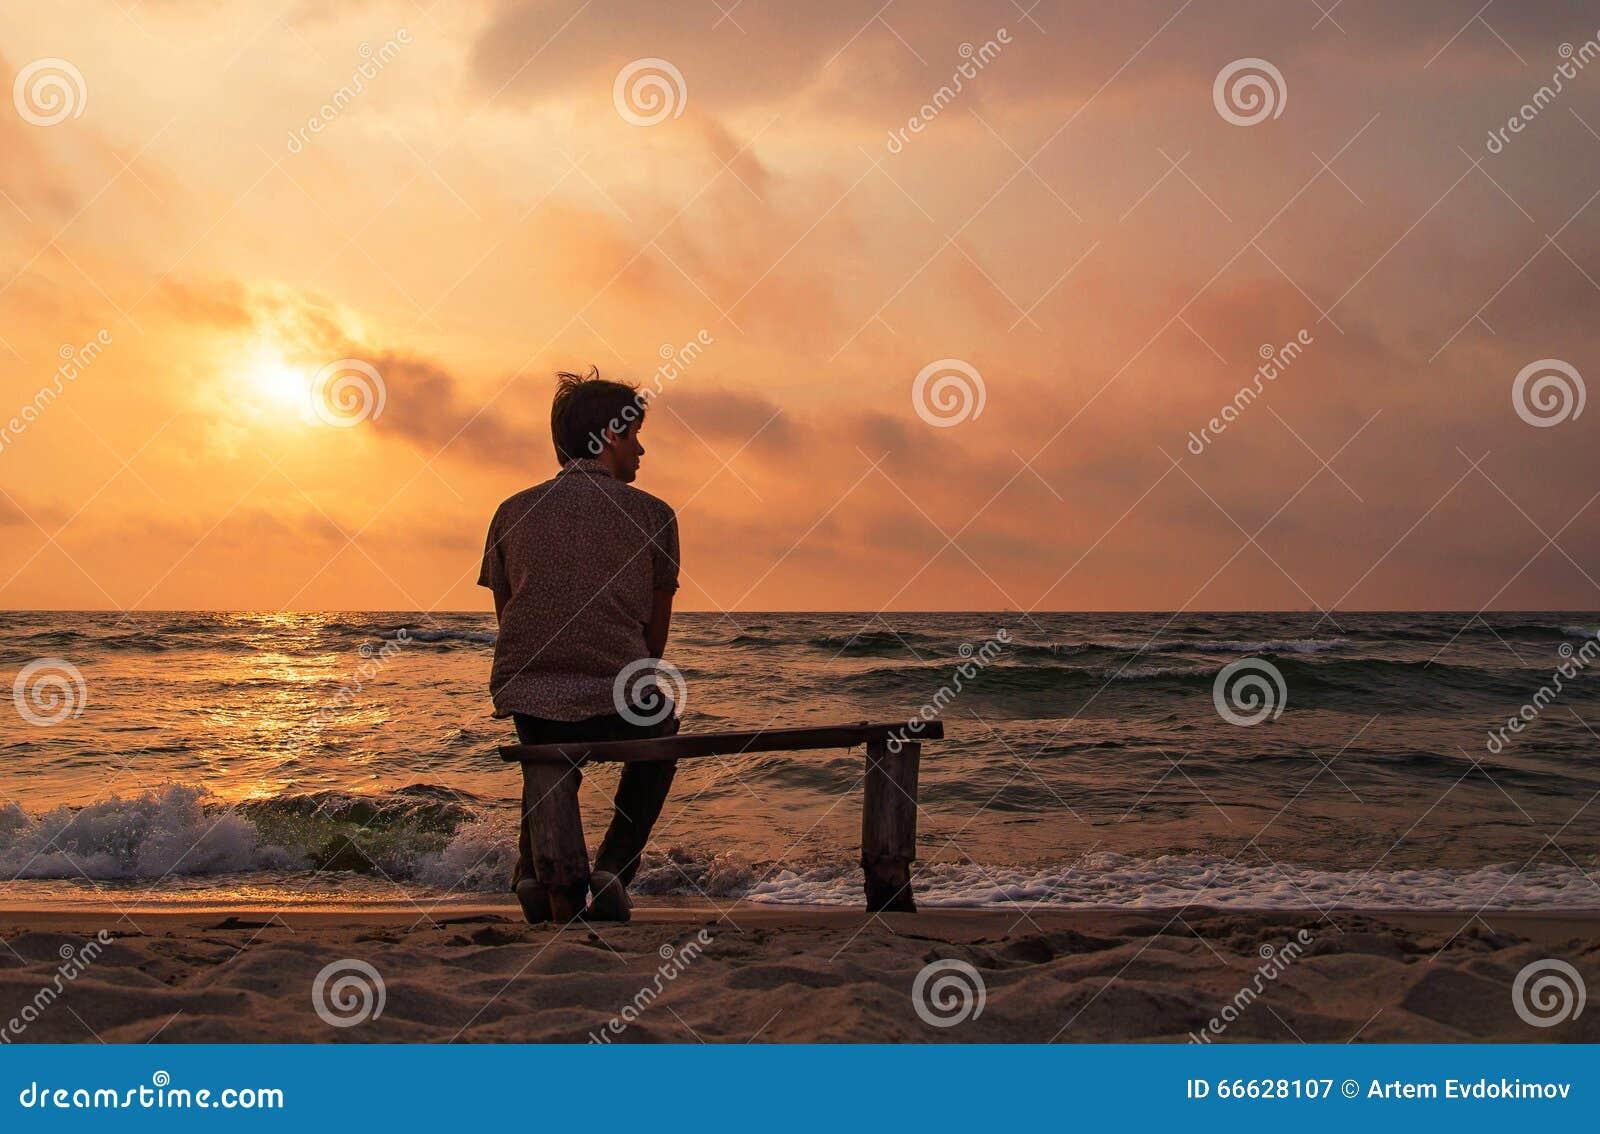 Imagenes cuando un hombre se siente solo